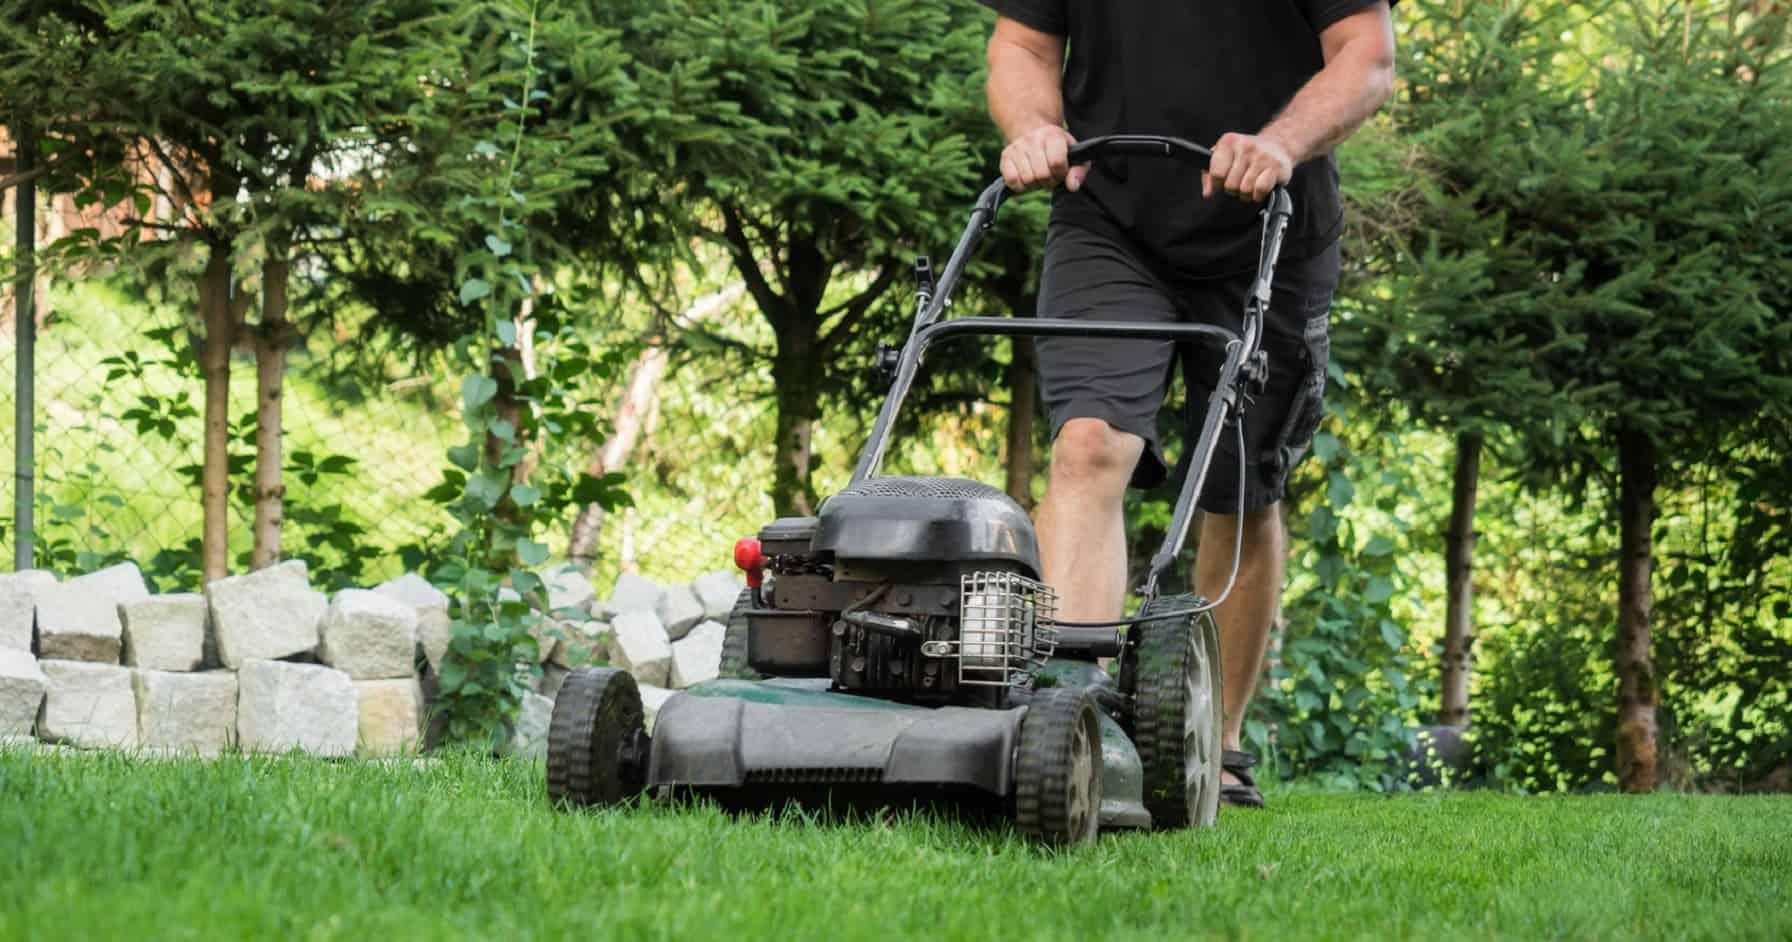 Fabelhaft Betriebskosten Gartenpflege: Das müssen Sie wissen - Vermietet.de #FK_82